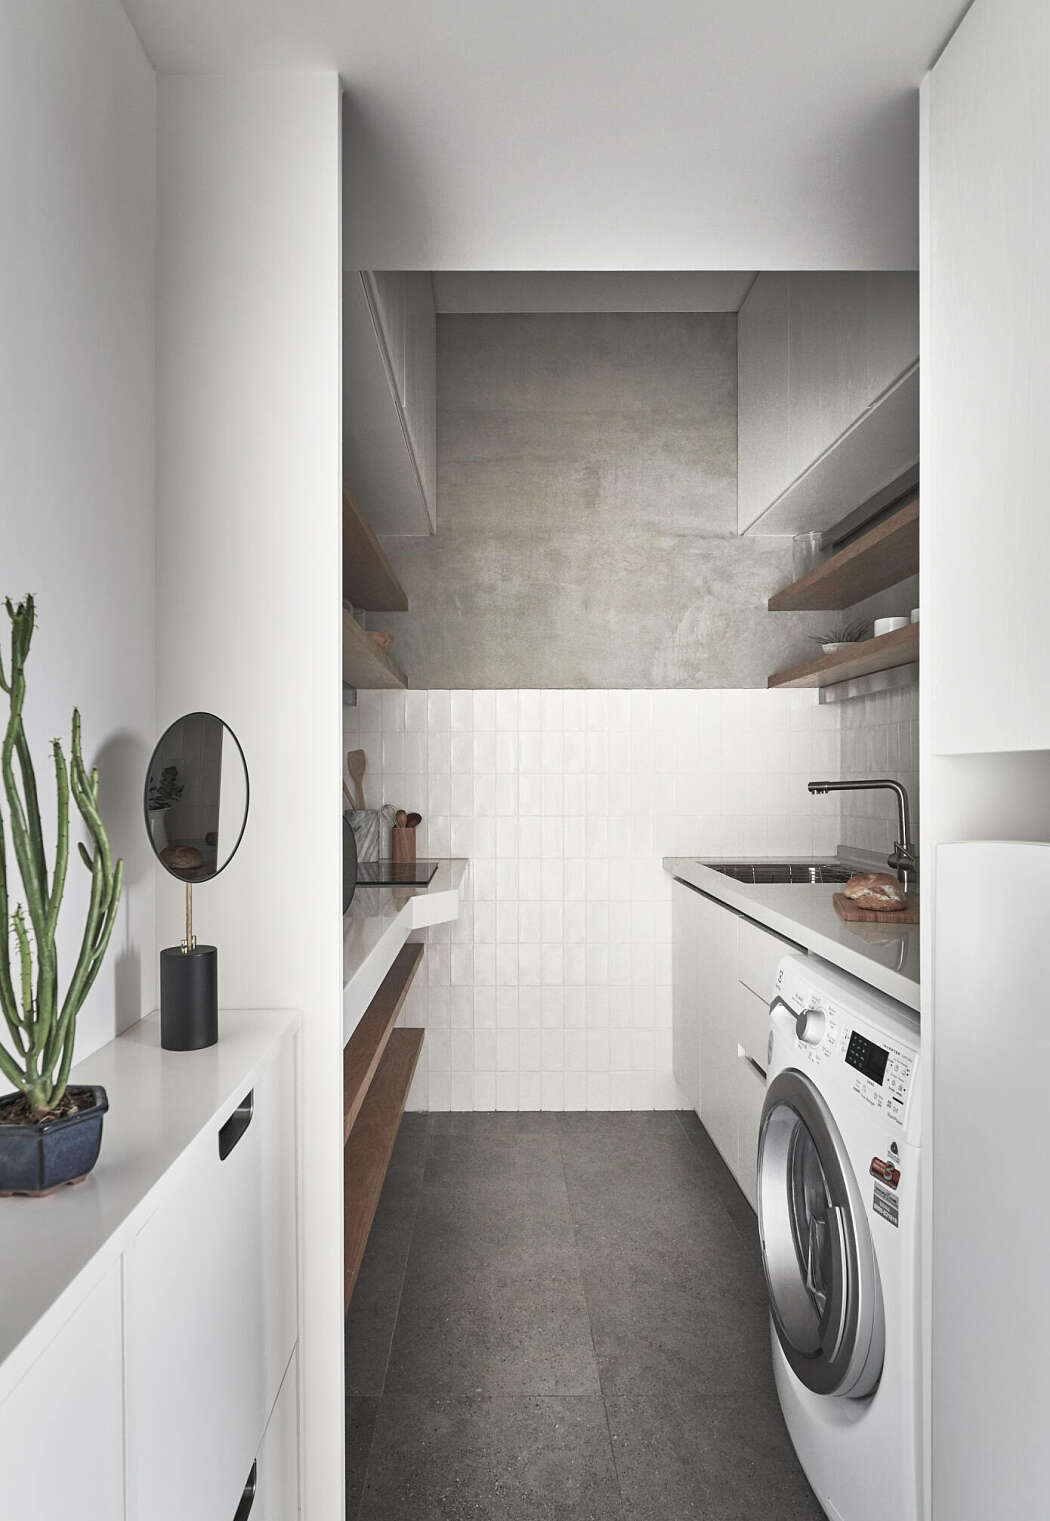 Dapur mungil di apartemen kecil (Sumber: freshome.com)